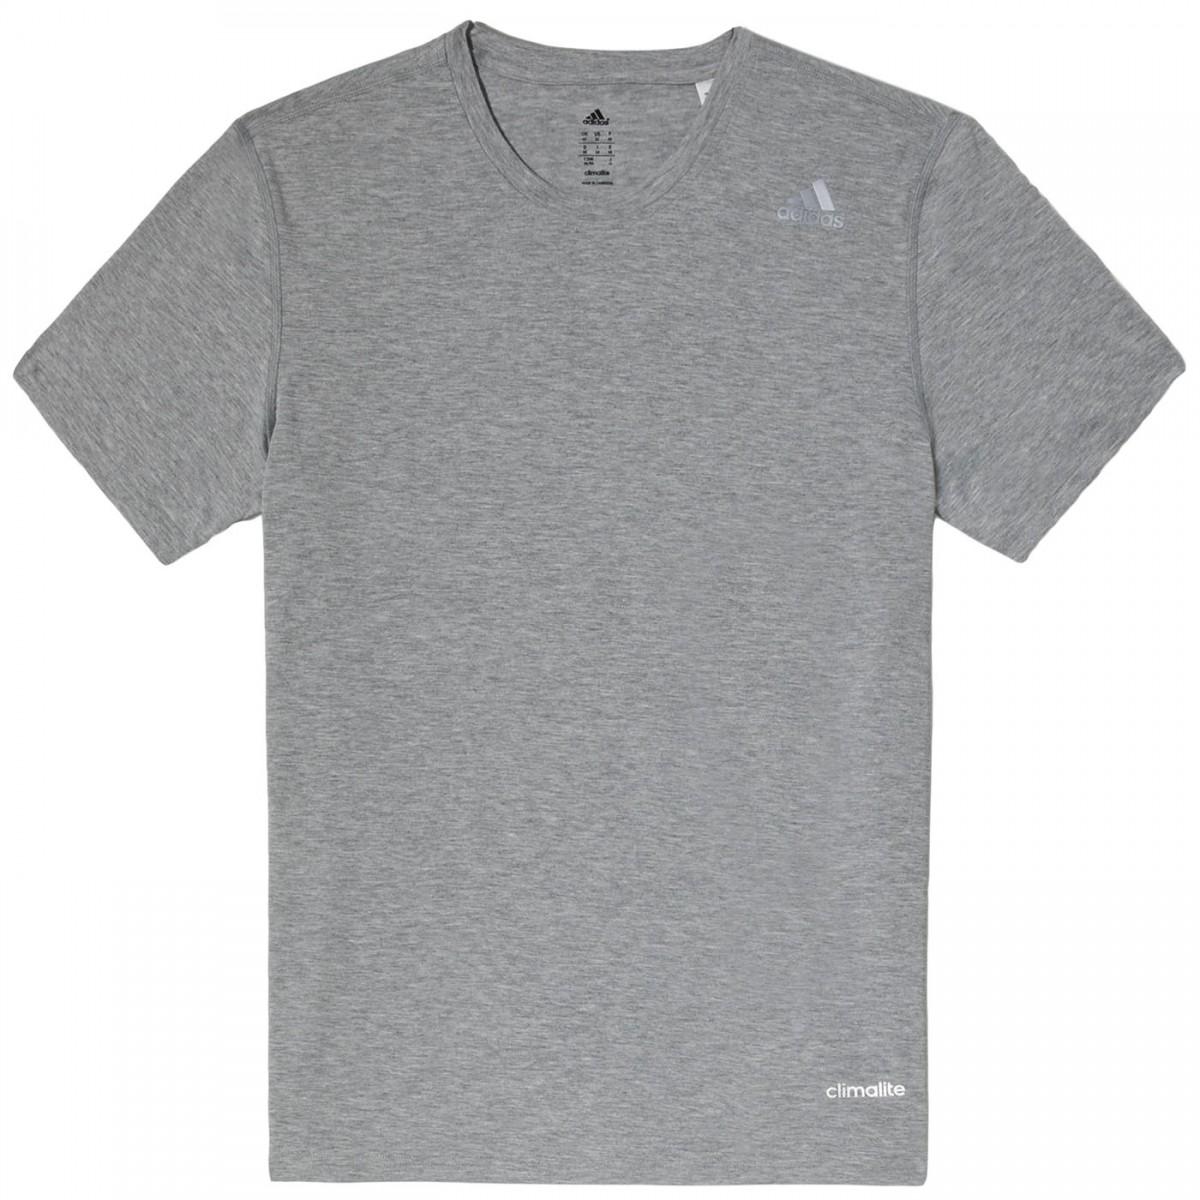 Camiseta Adidas Prime Men Tee - Masculina  c4737894cae10